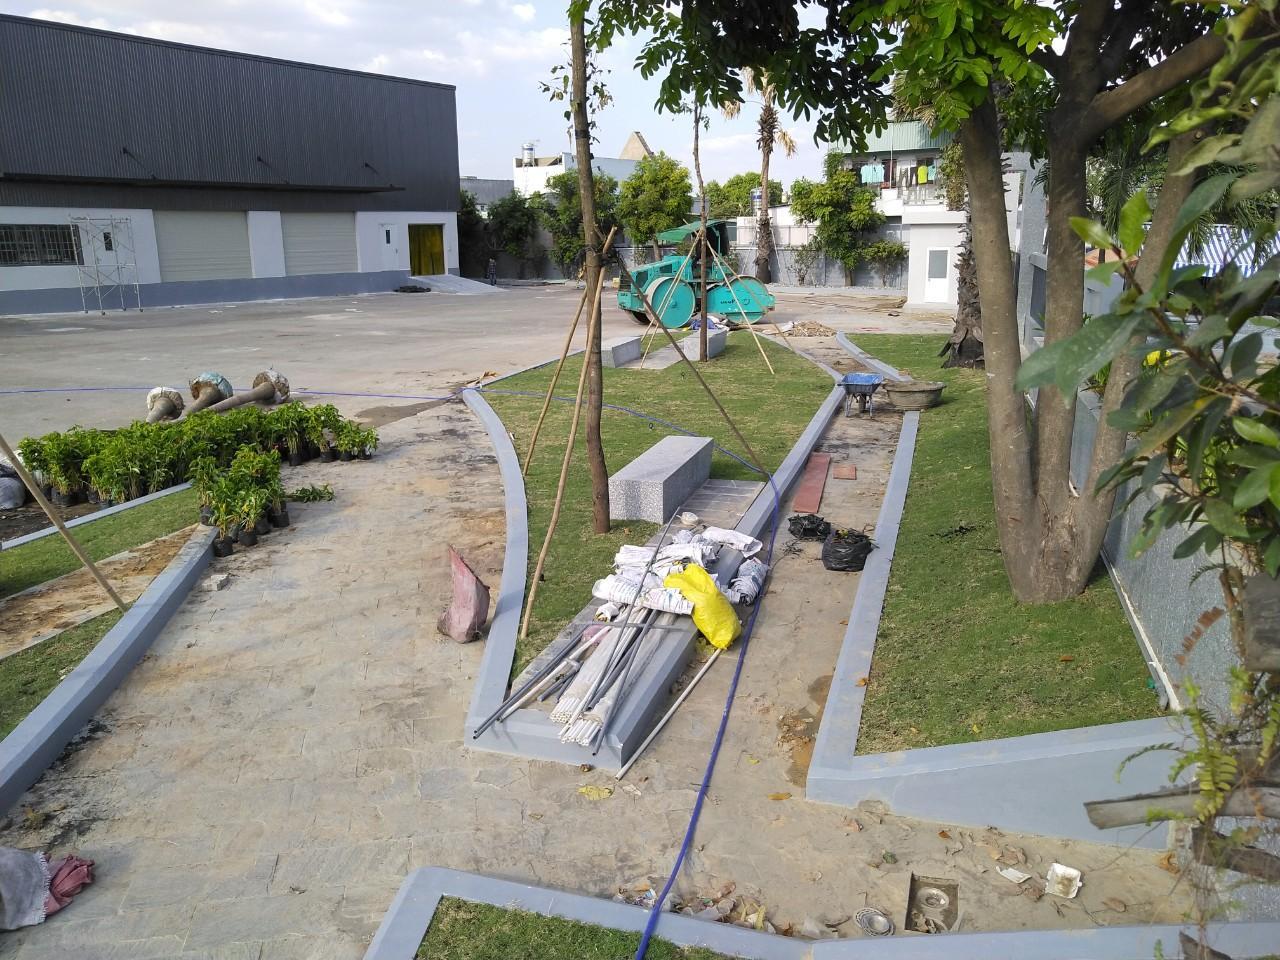 Ngoại Thất Xanh thực hiện trồng cỏ trồng cây xanh tại Tây Ninh